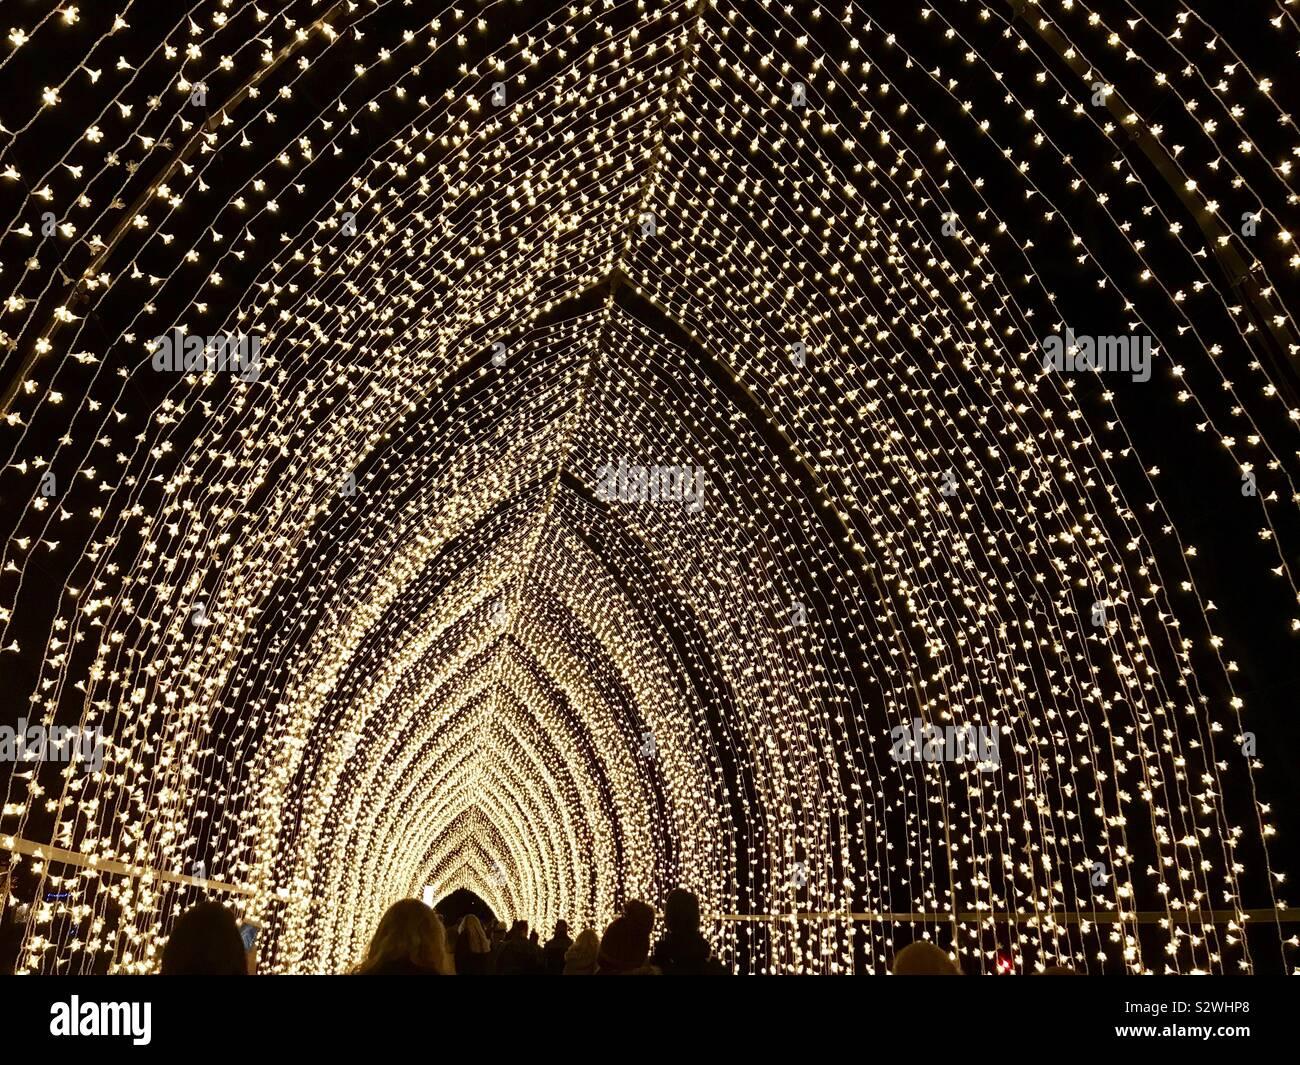 Cathedral of light at Kew Gardens Christmas at Kew 2018 illuminated trail, London, UK Stock Photo